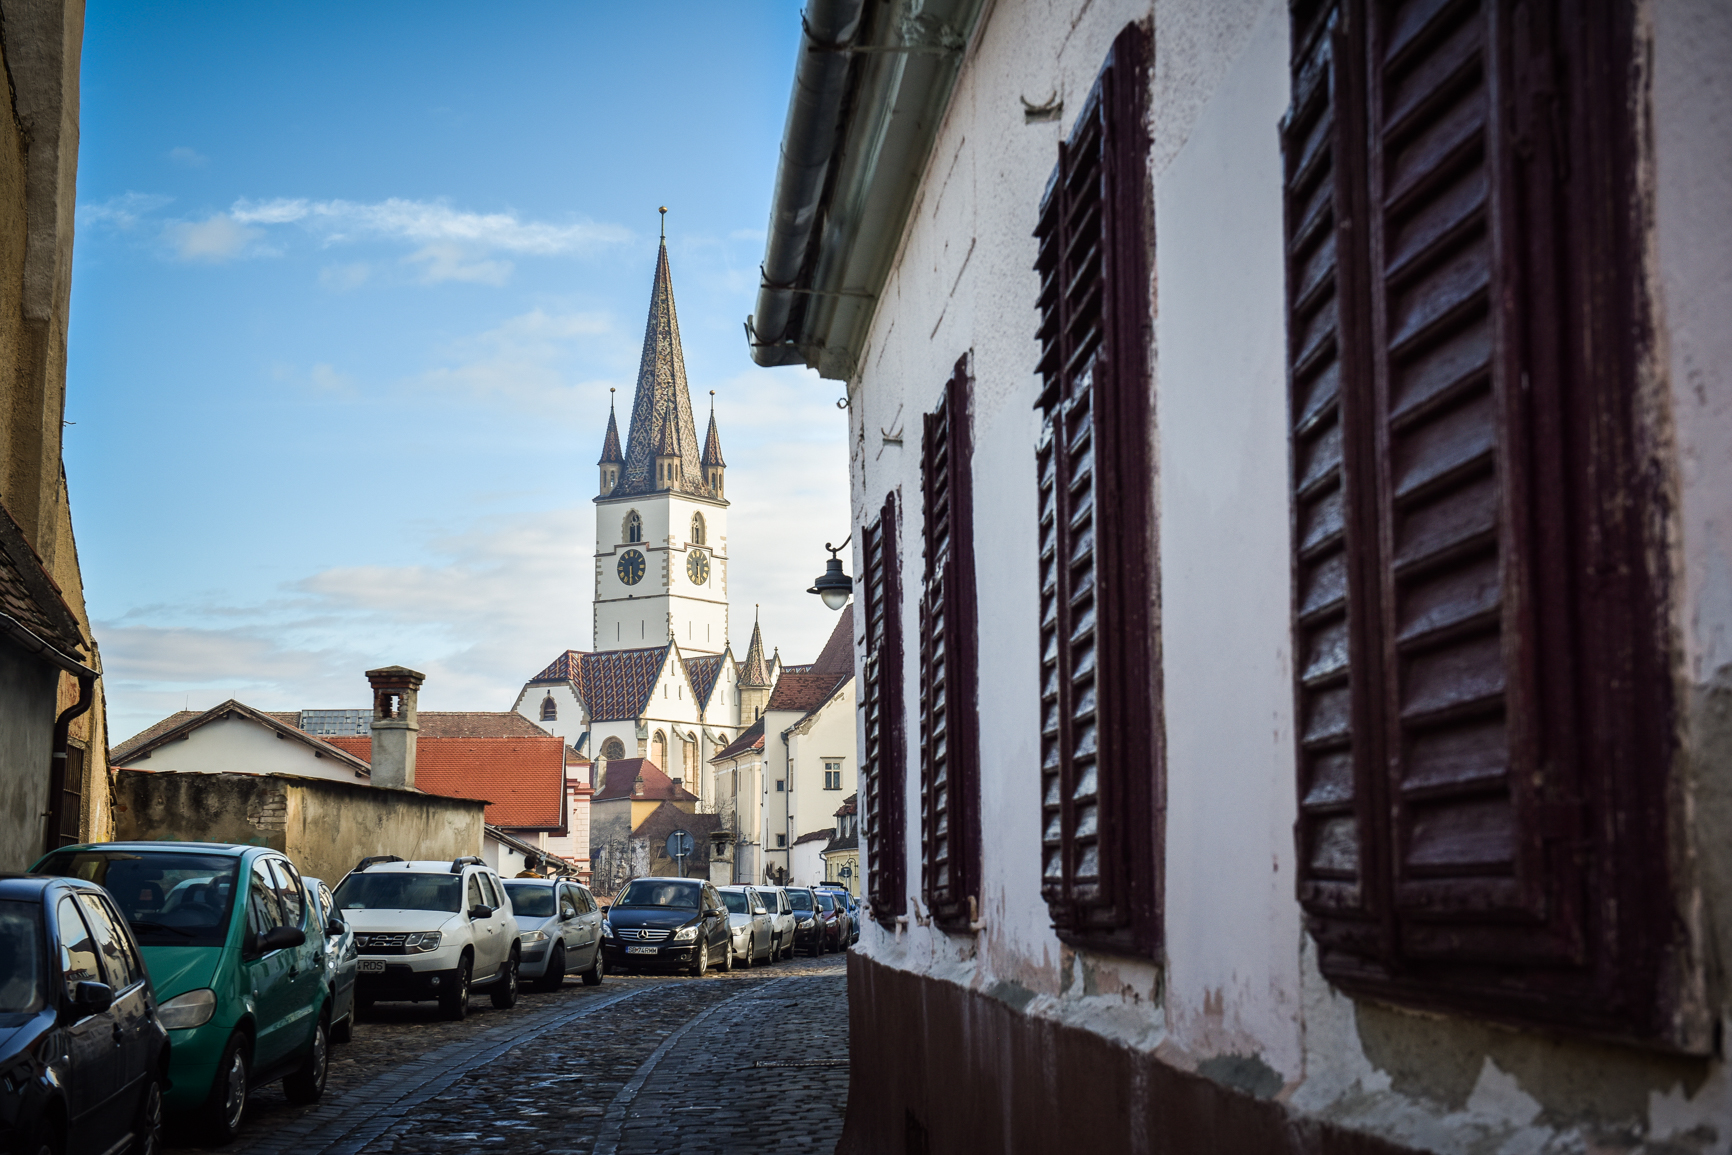 2,86 - incidența crește în municipiul Sibiu, în prima zi de primăvară. Aproape 500 de cazuri noi, în 14 zile